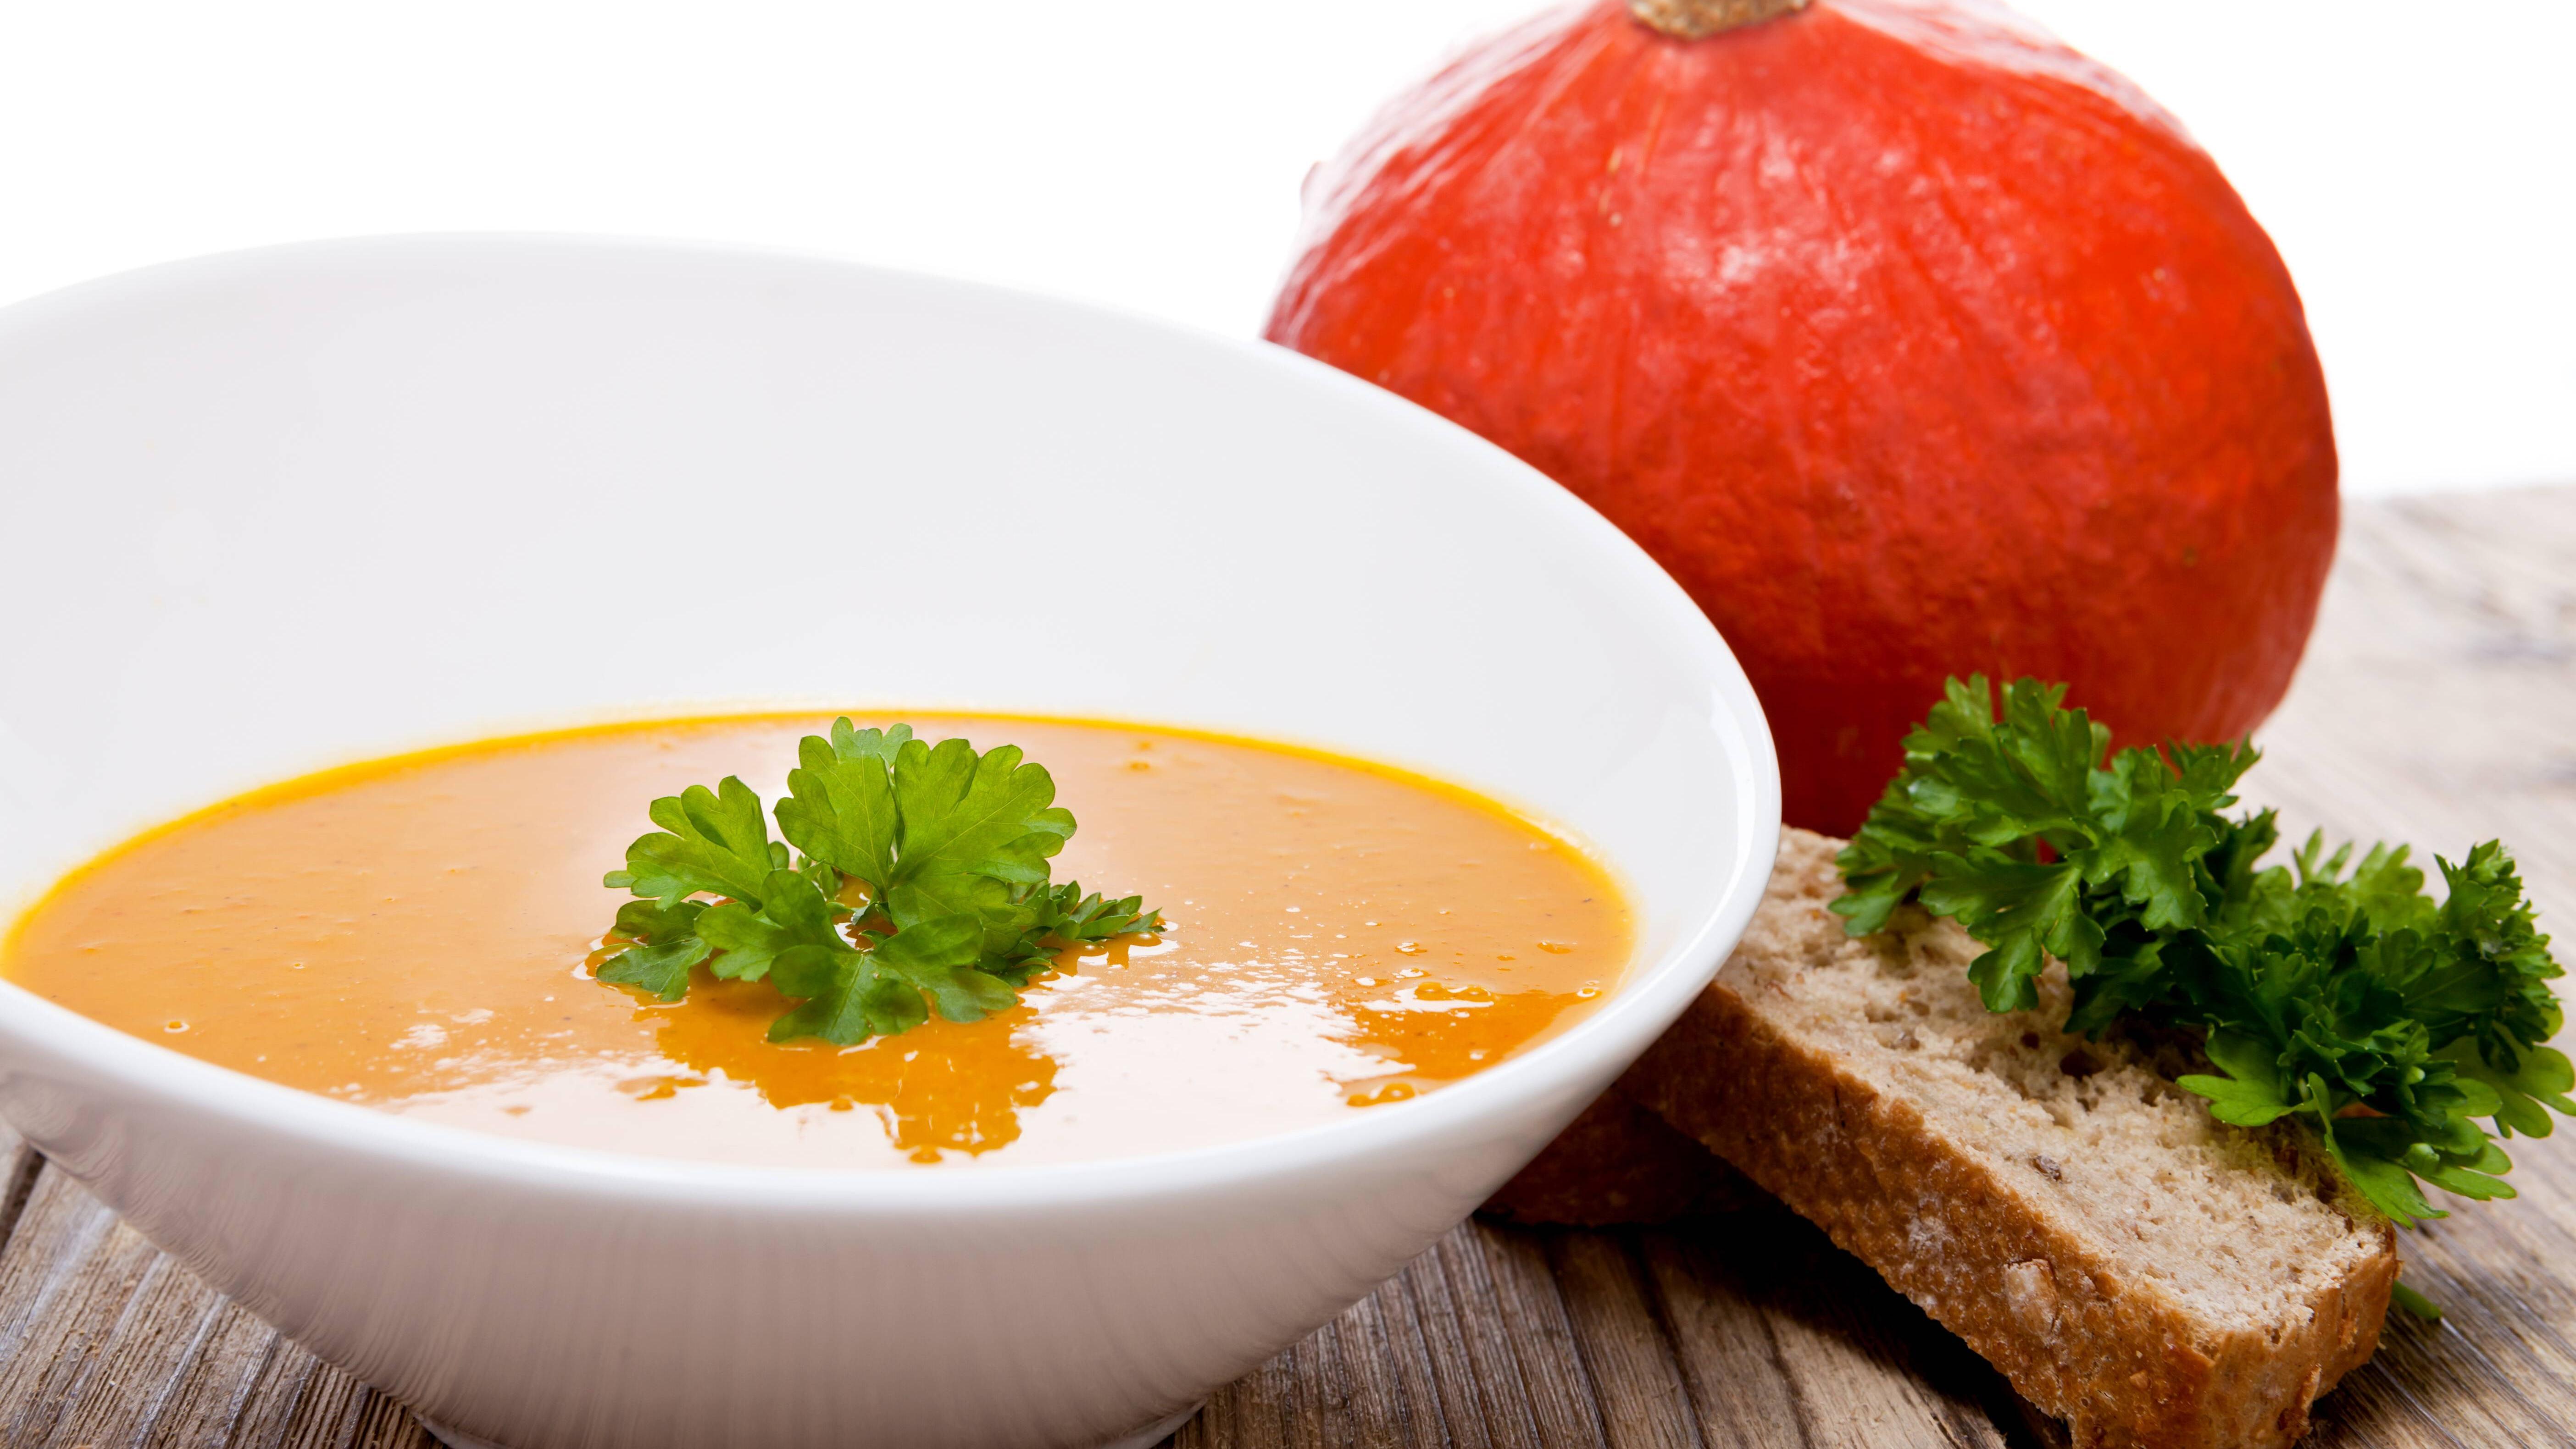 Eine Kürbissuppe mit Ingwer können Sie leicht selber kochen.